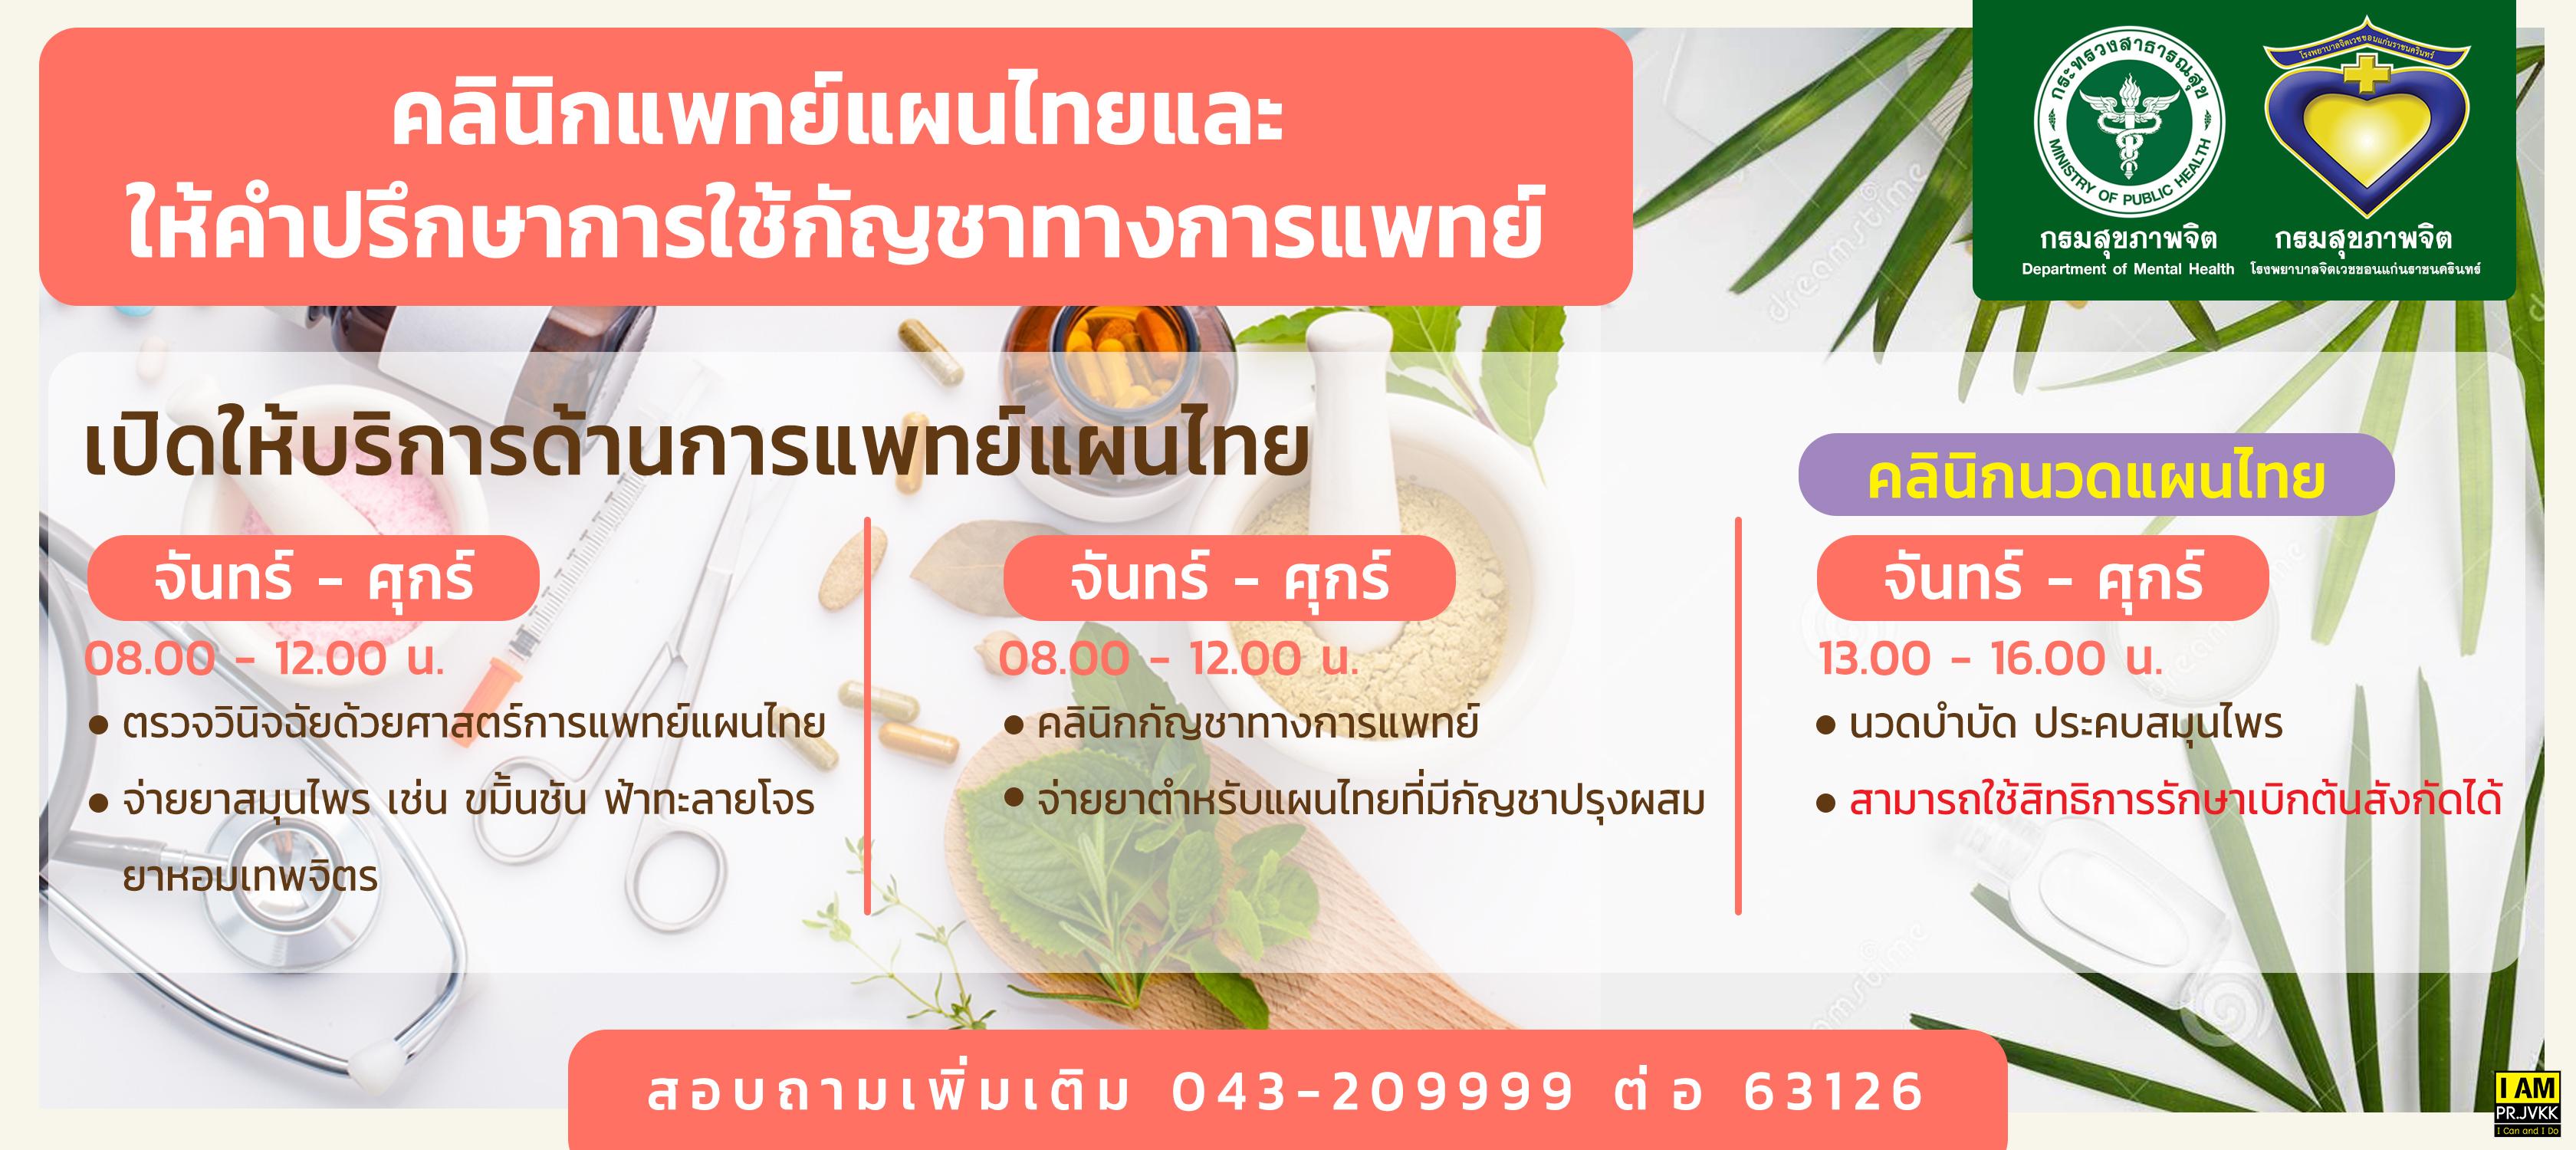 ศูนย์บริการแพทย์แผนไทยโรงพยาบาลจิตเวชขอนแก่น